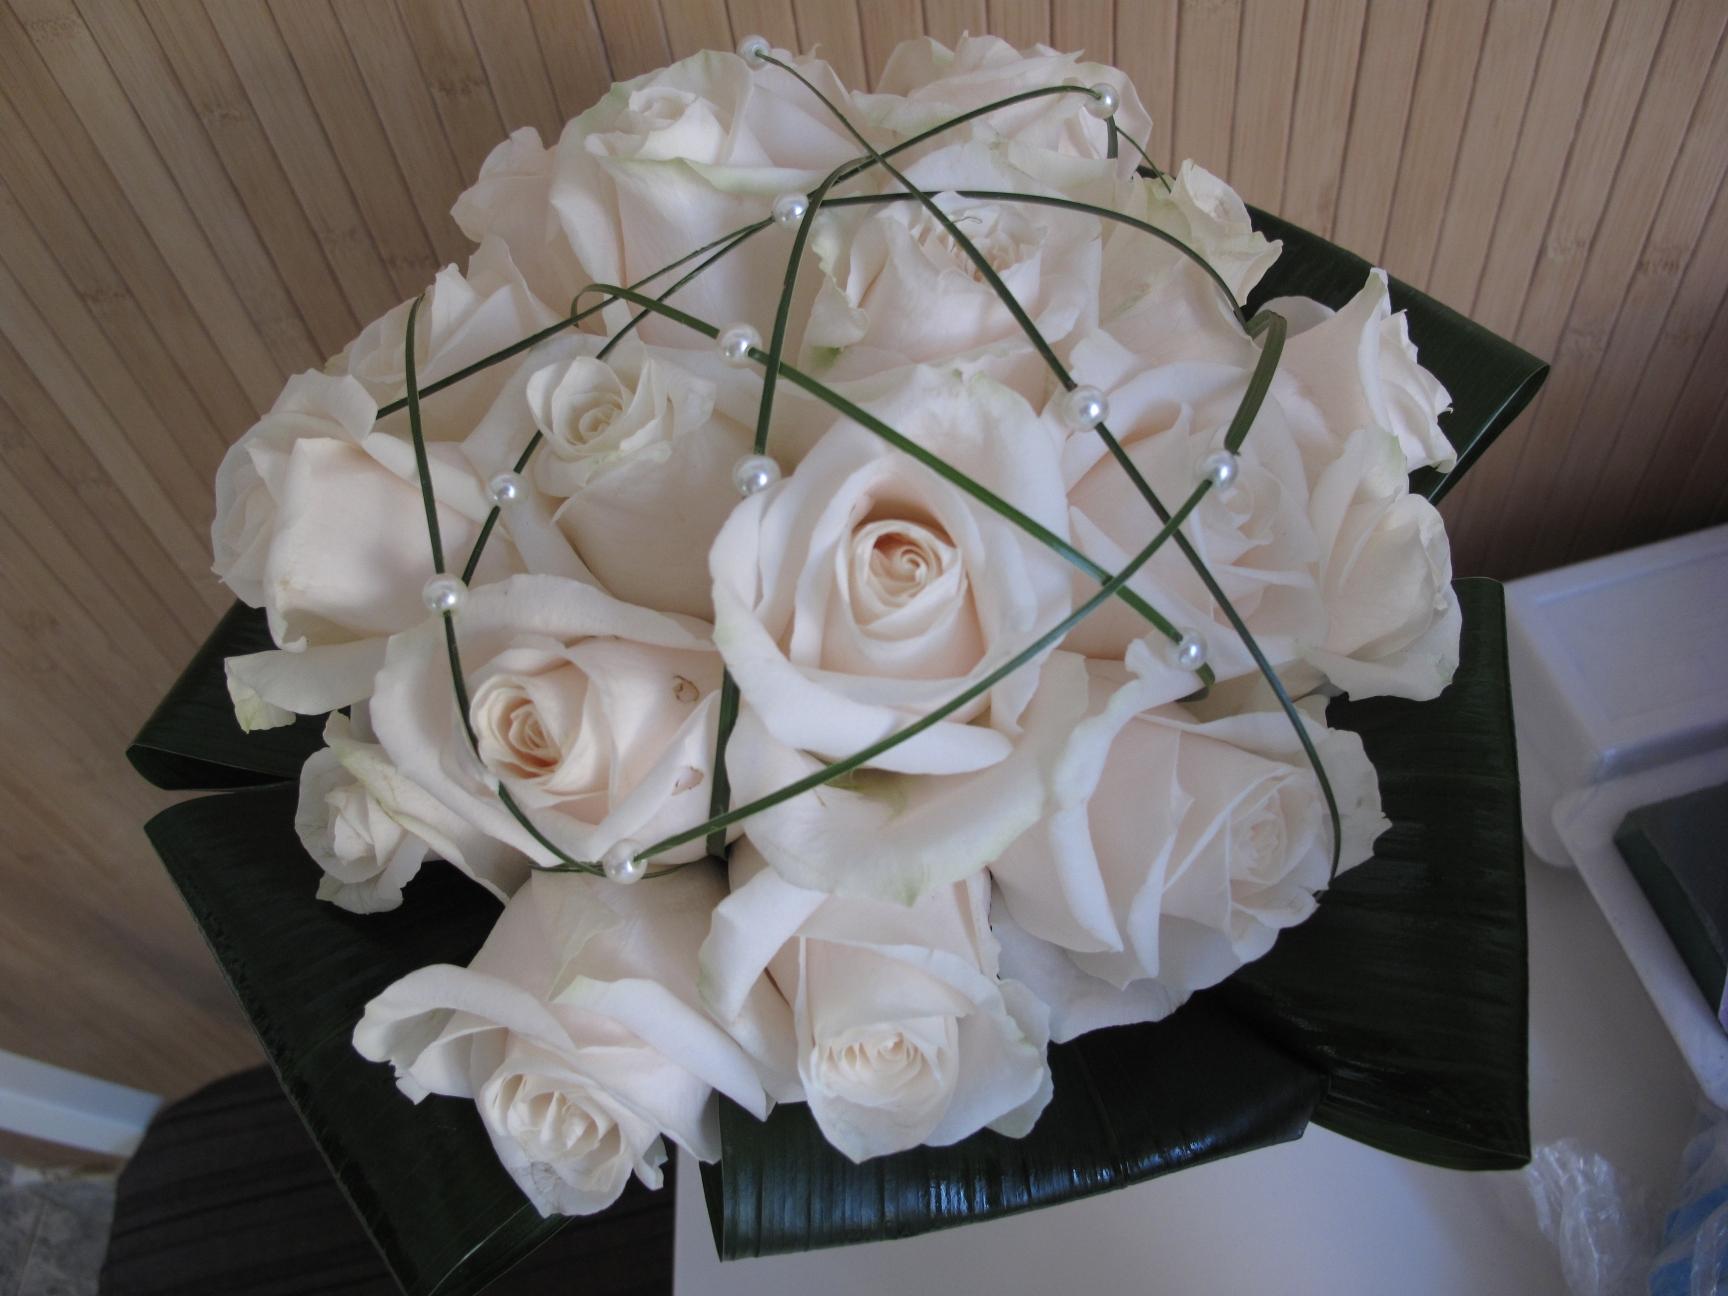 2b42fa29a4 Hasznos tudnivalók az esküvői dekorációhoz - VirágAlkotÓra